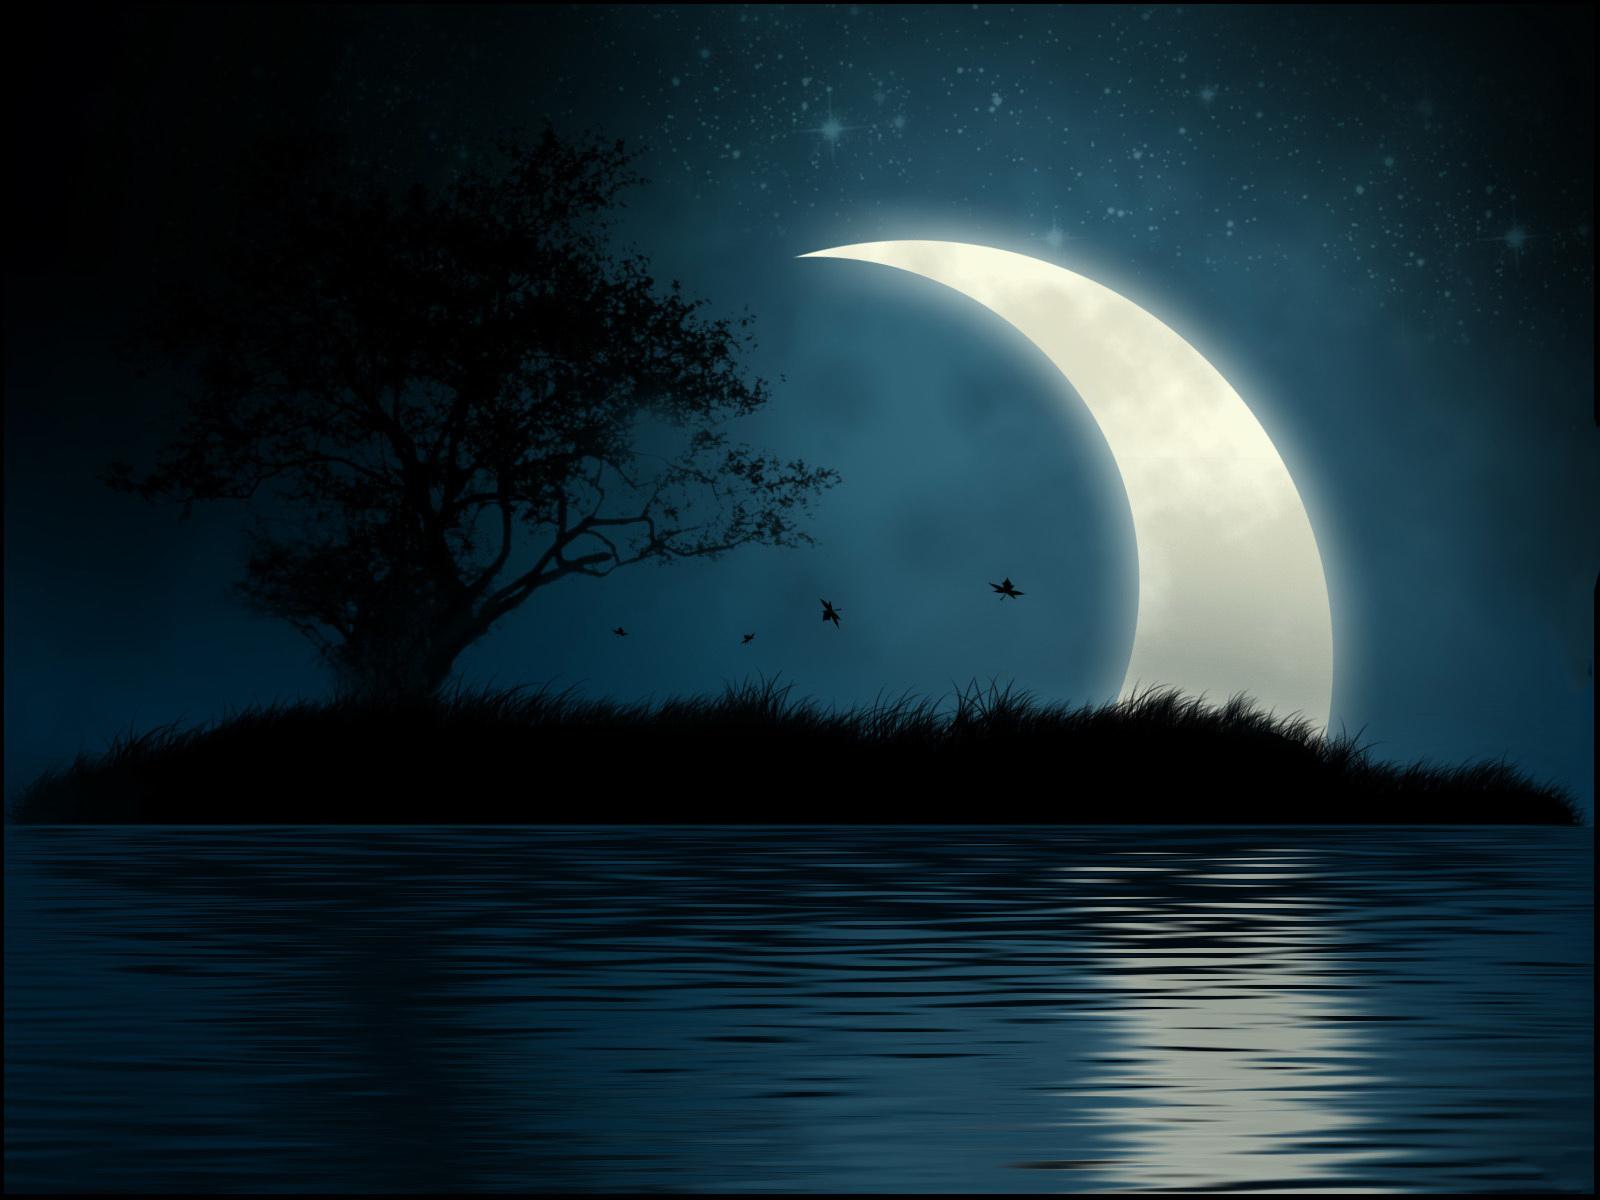 Imágenes hermosas de la luna